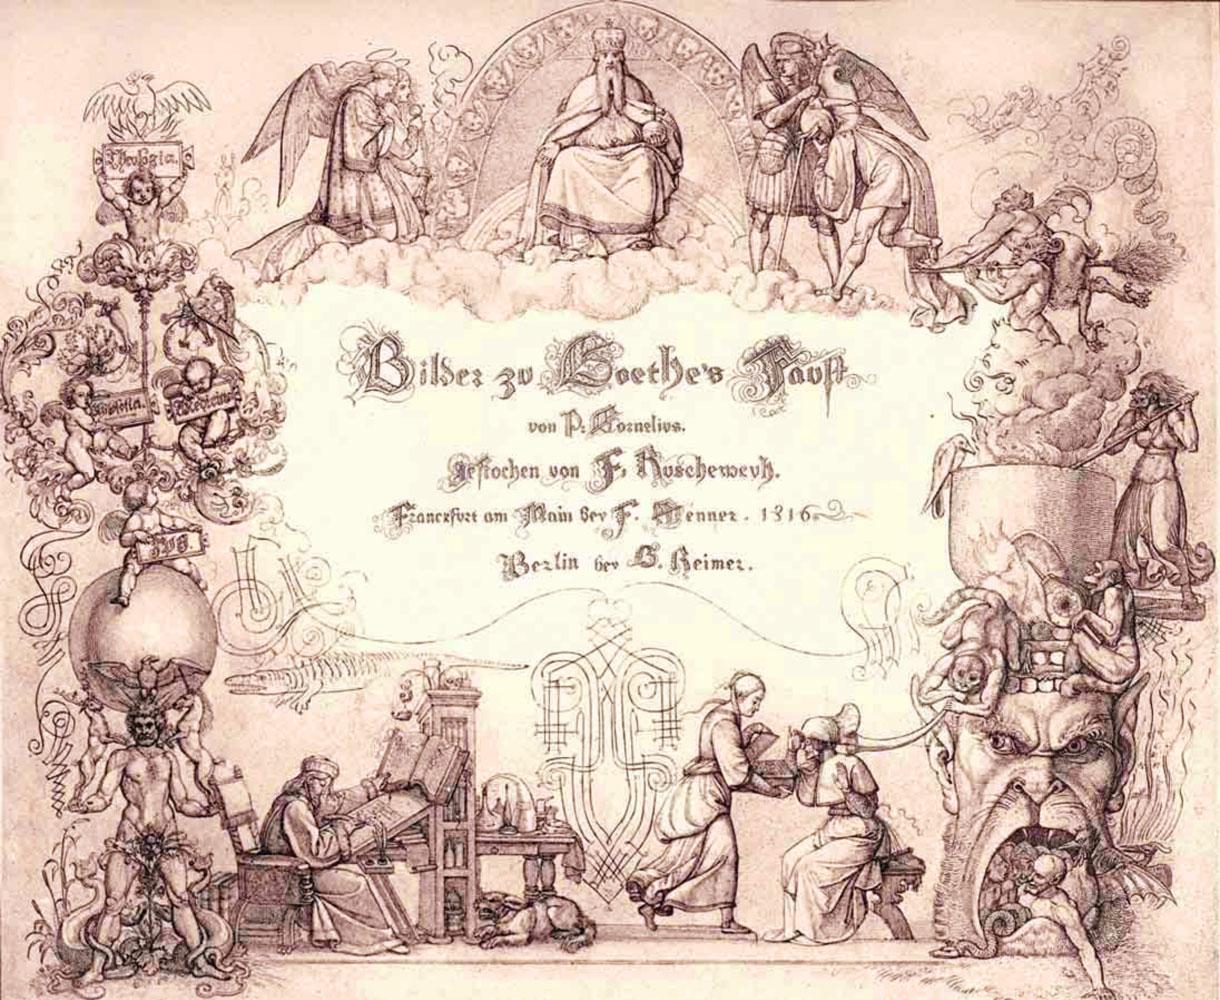 Incisioni per il Faust di Goethe